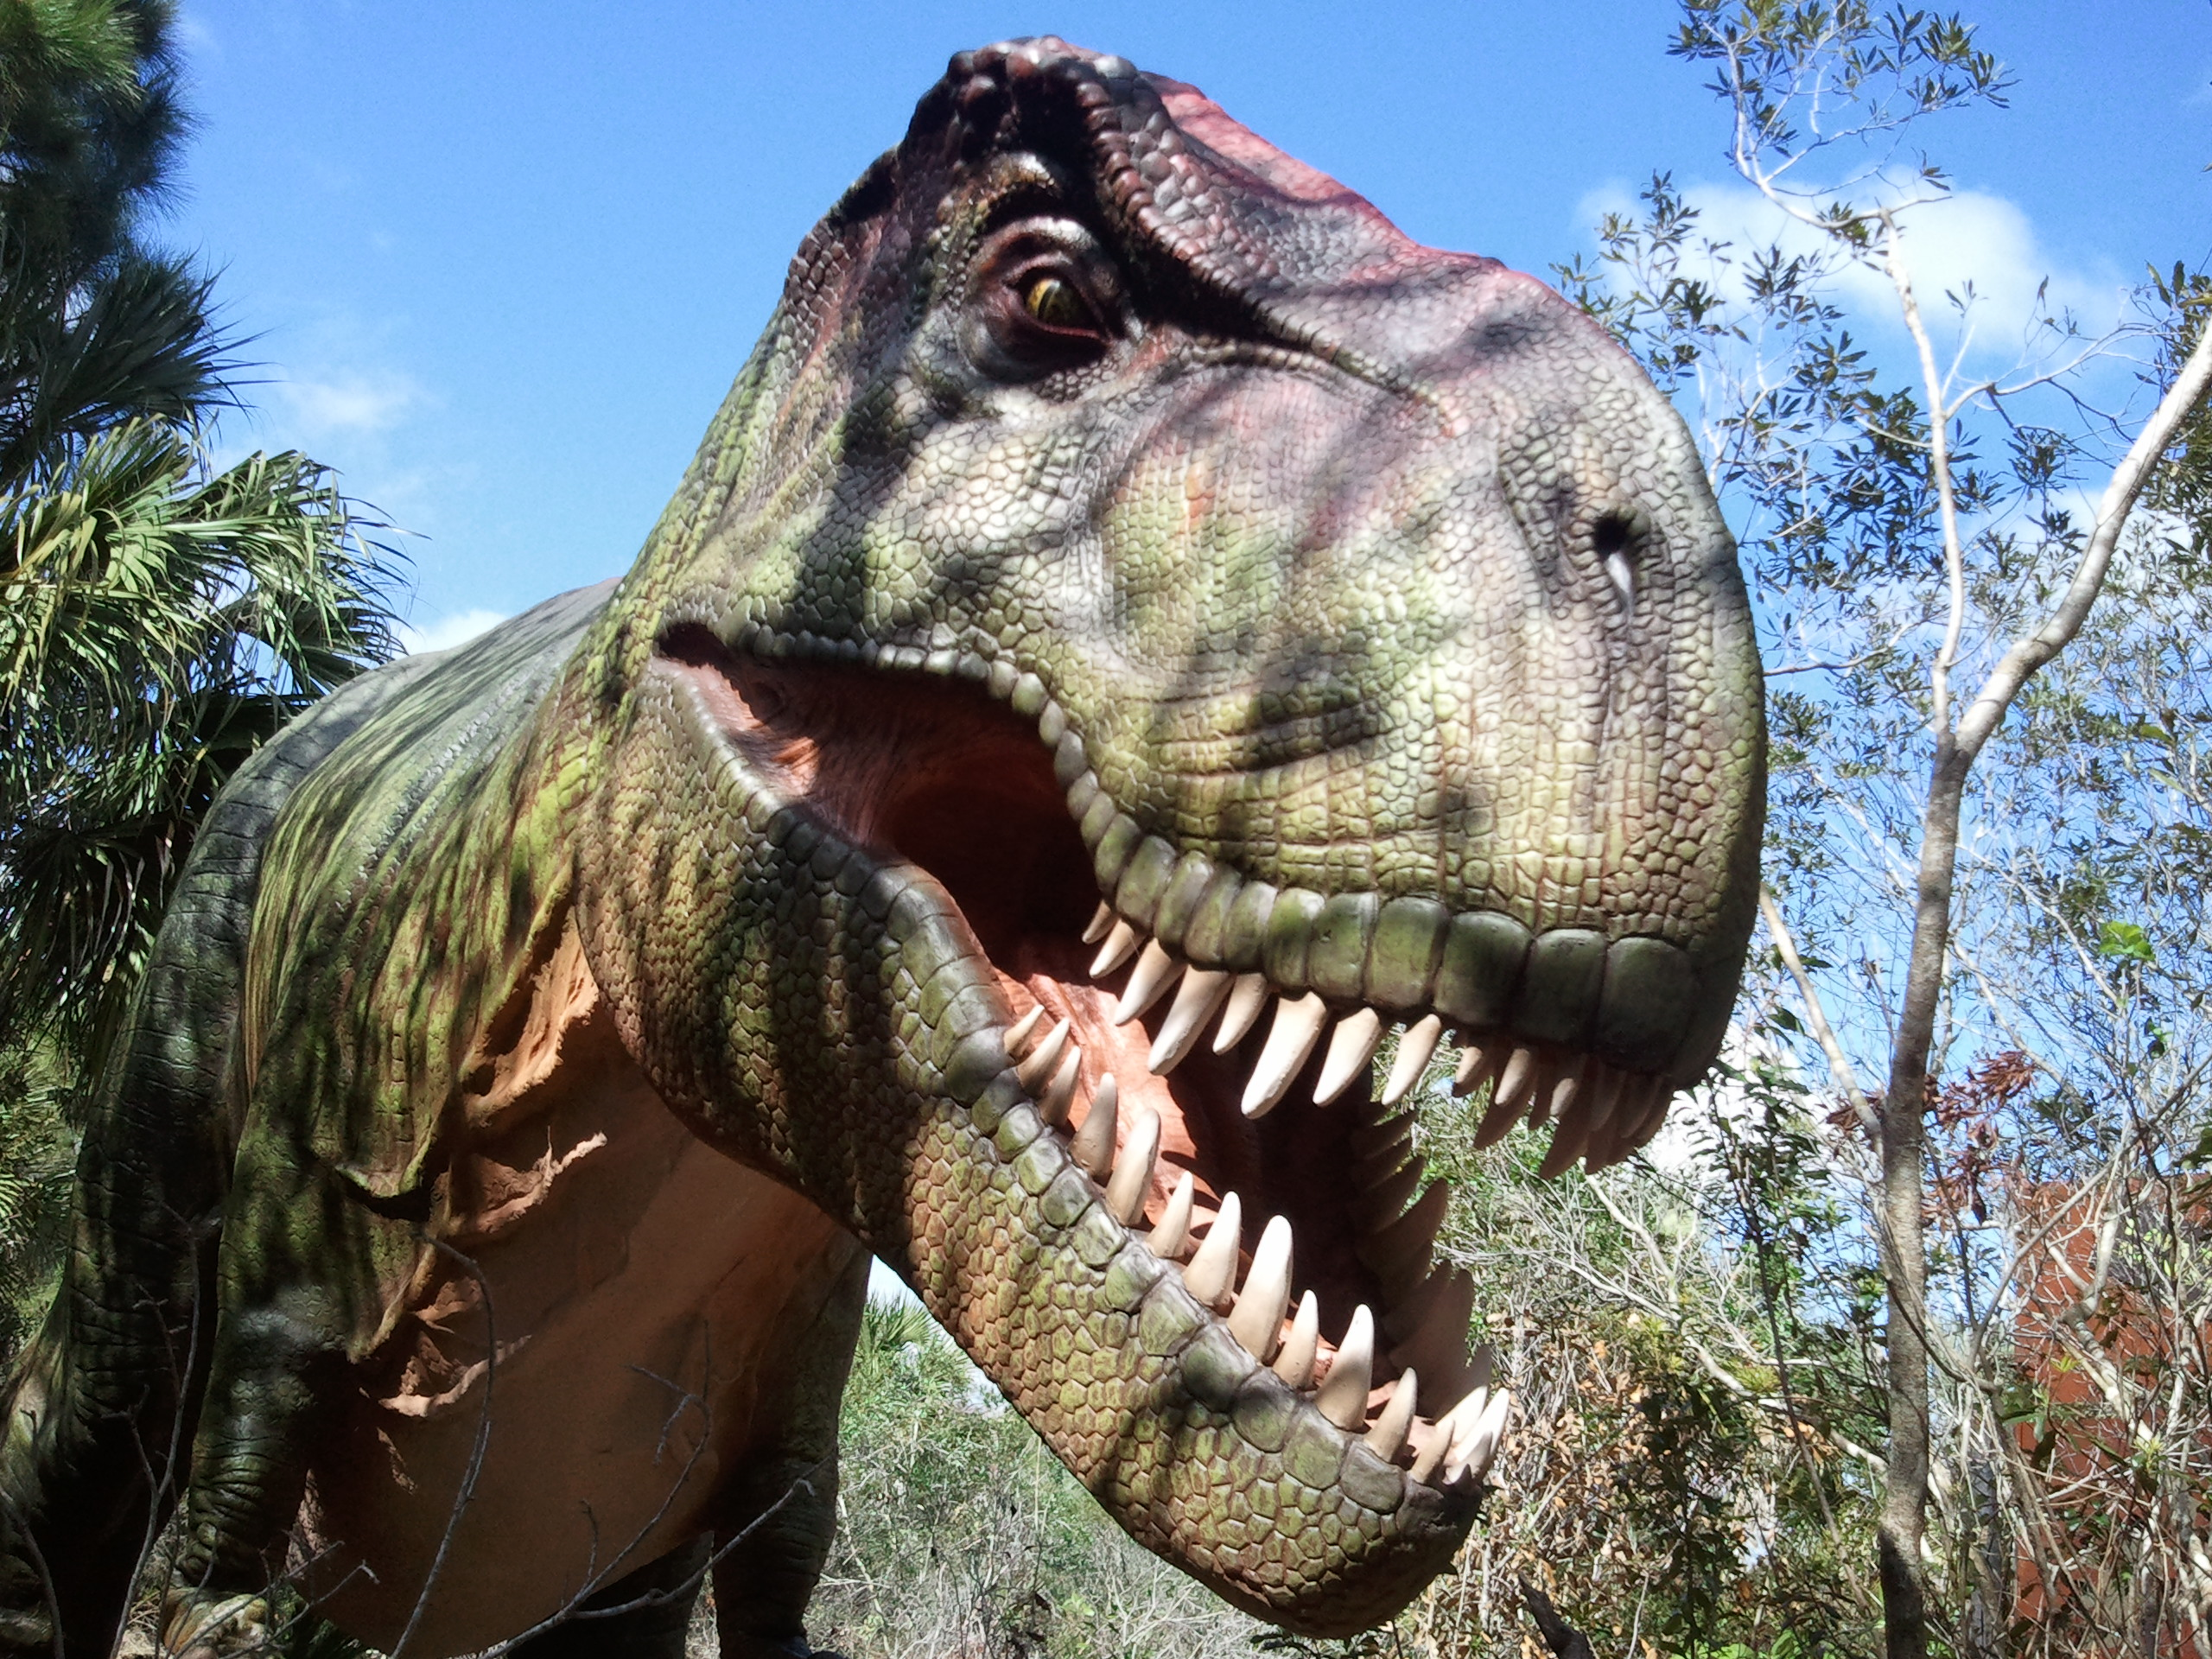 посмотреть все картинки динозавров охота чёрном